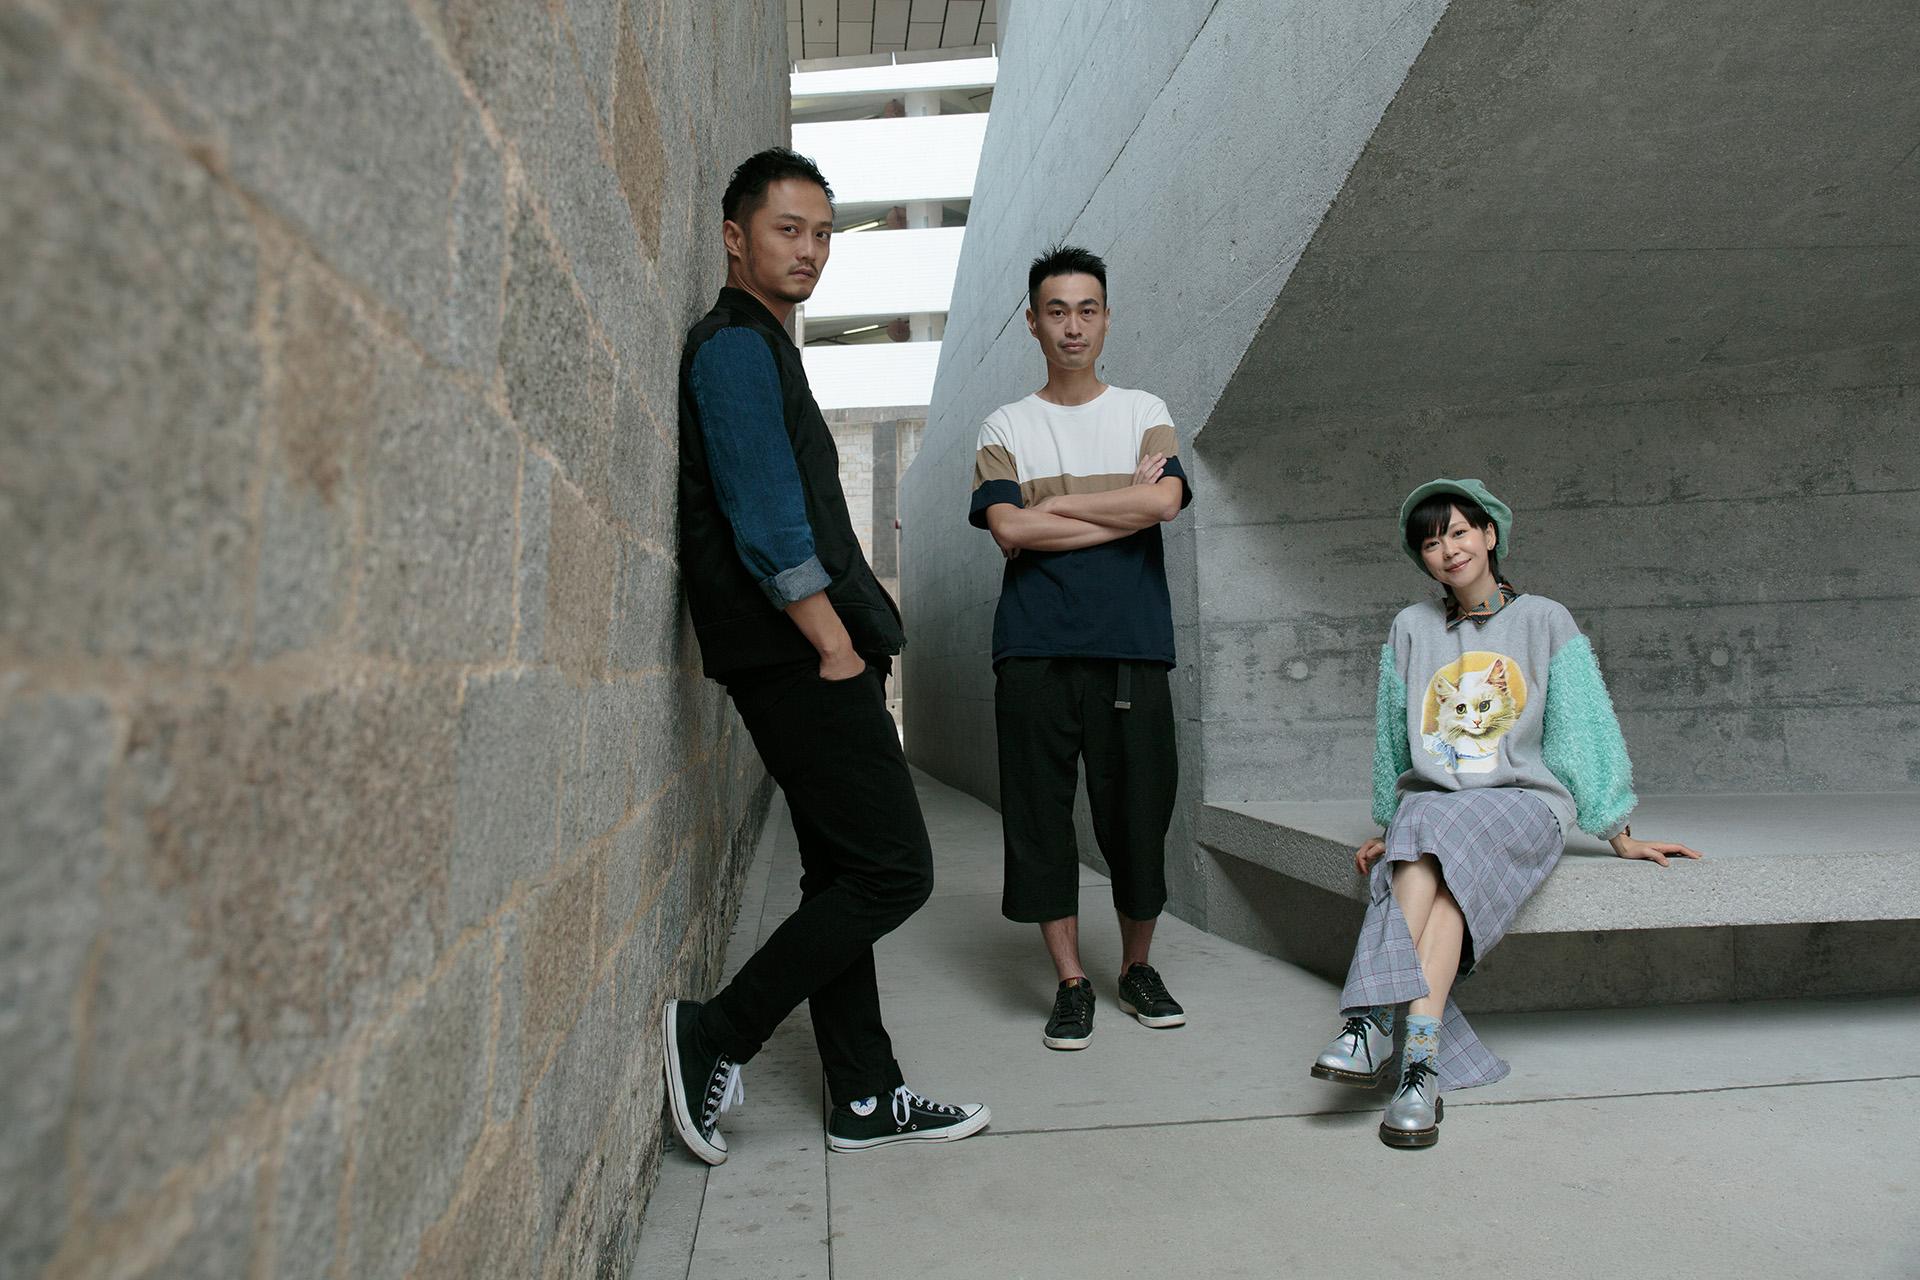 《班門大叔》的創作團隊包括(左起)監製與導師CMgroovy、填詞人蔡志厚及主唱陳慧敏。